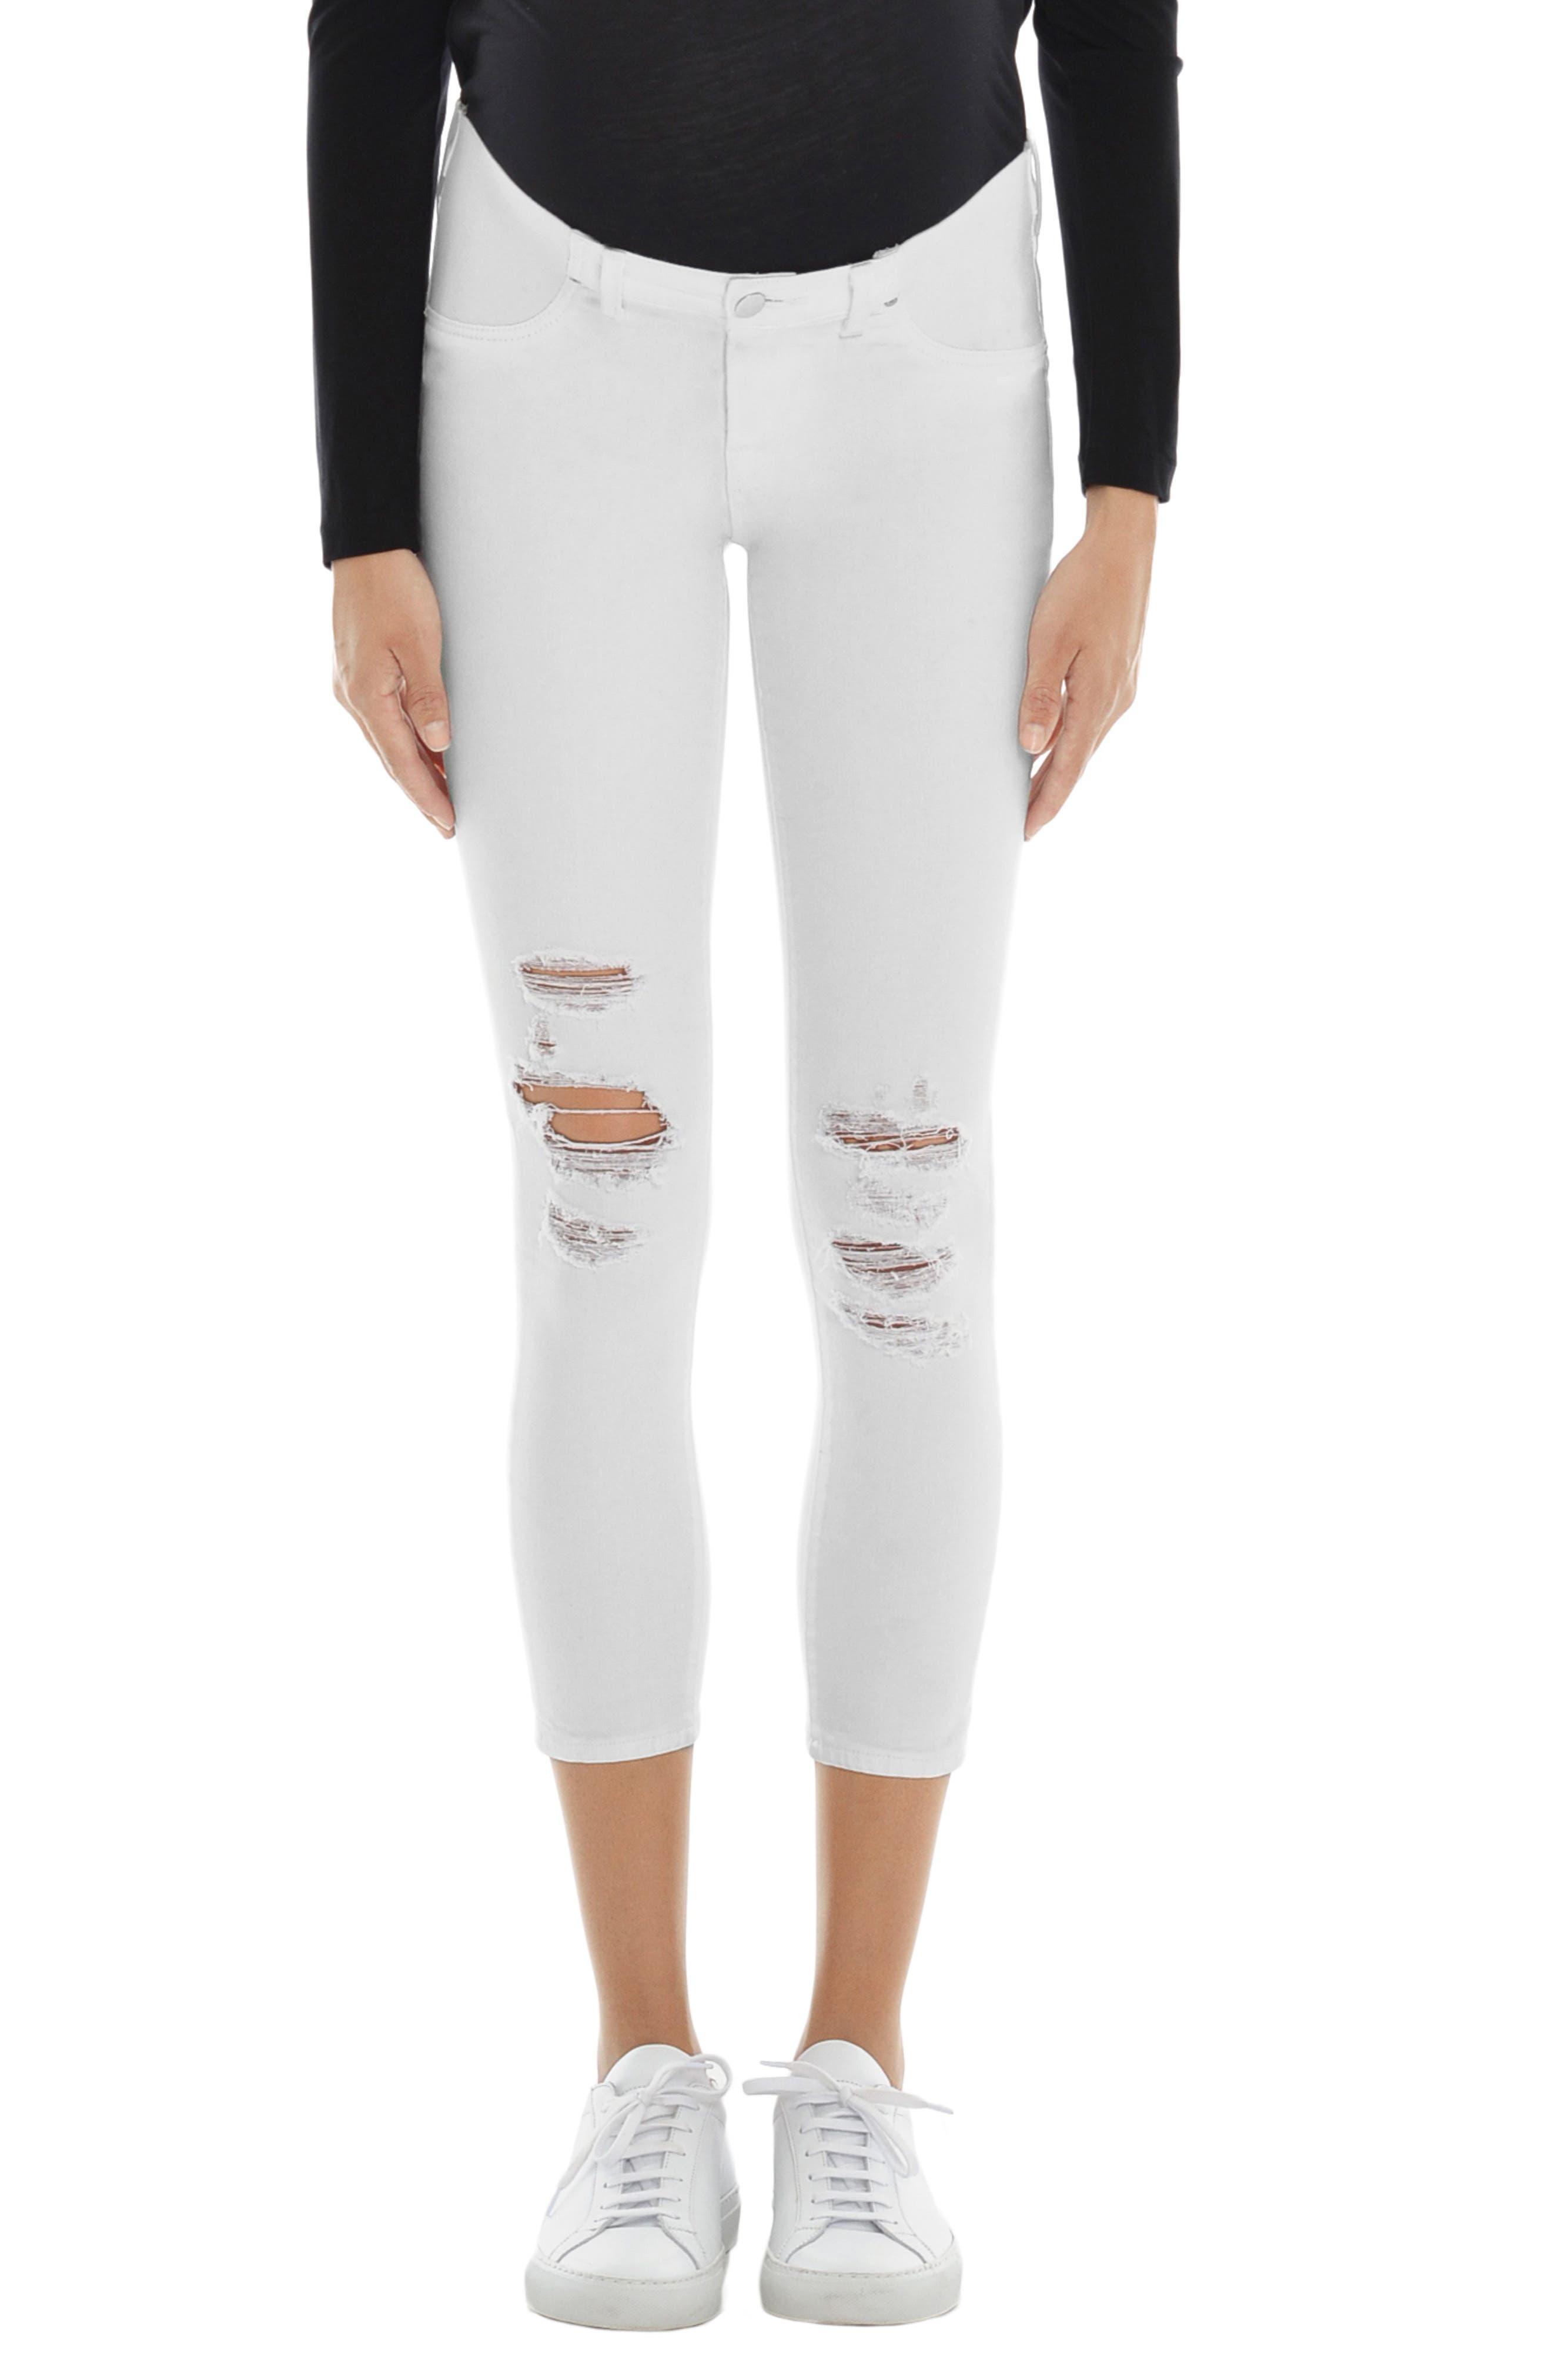 Mama J Maternity Capri Jeans,                         Main,                         color, Demented